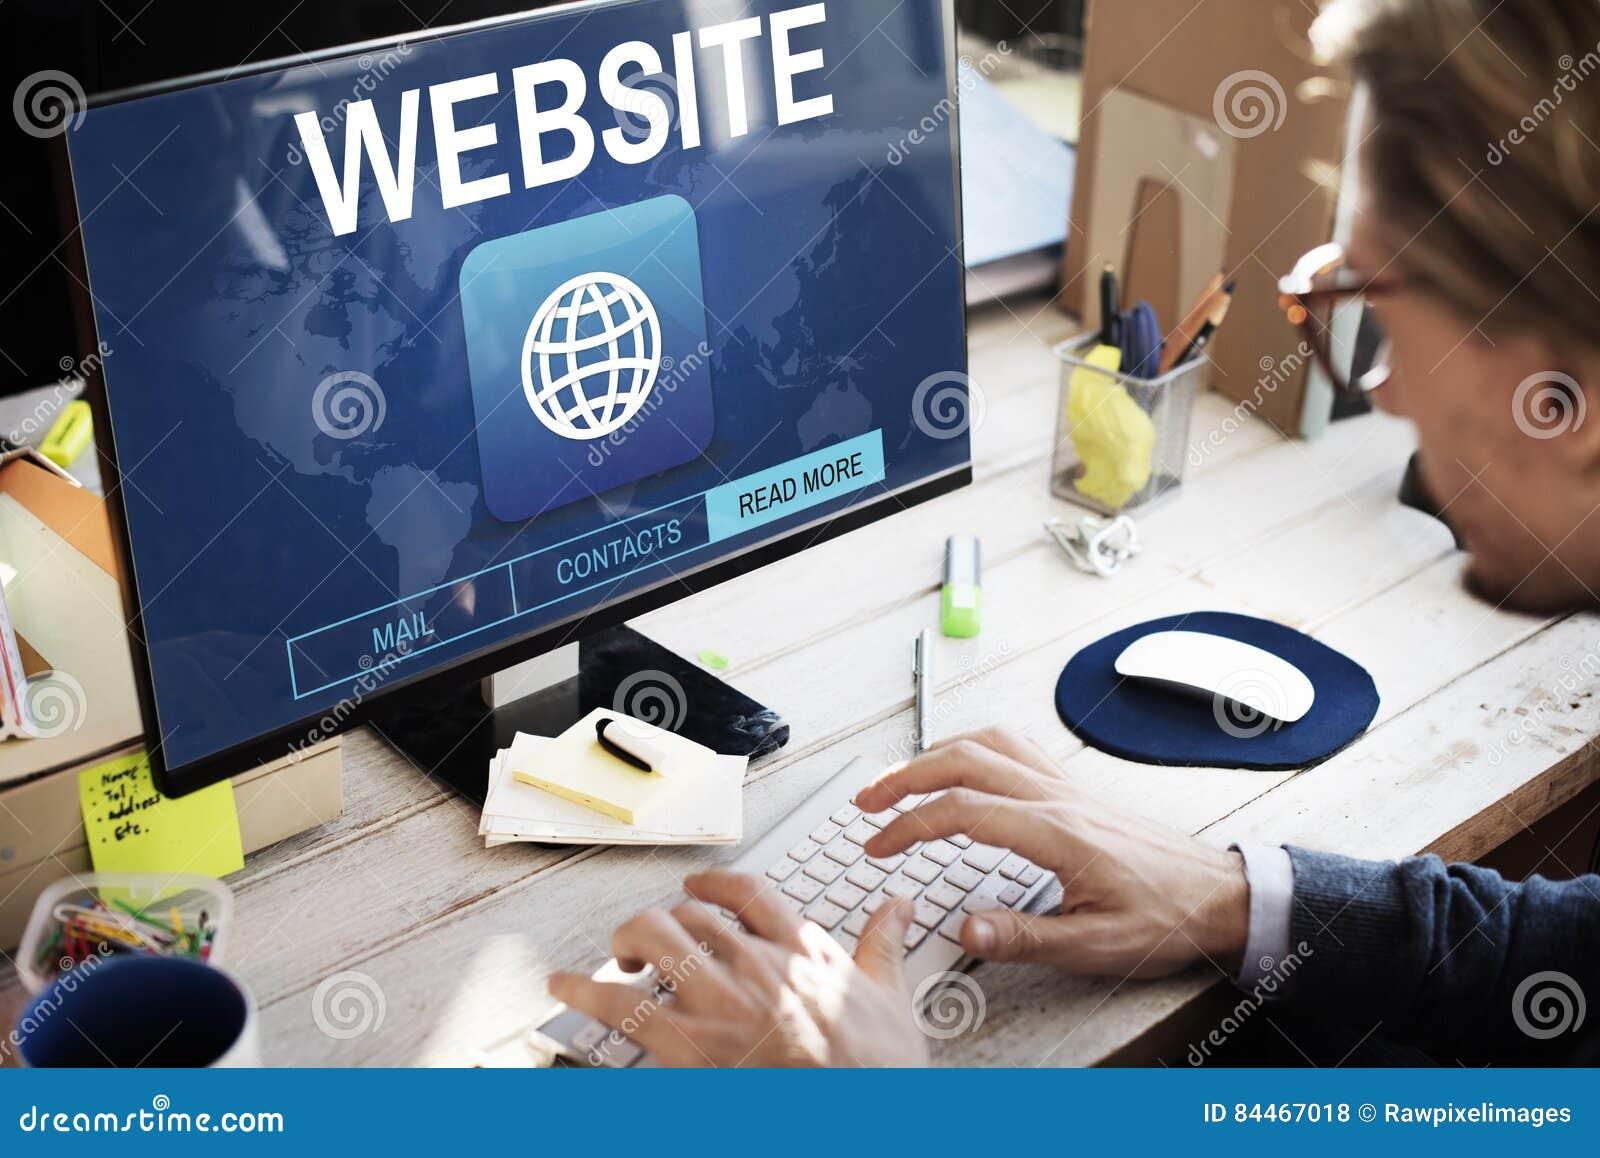 Σφαιρική επικοινωνία Διαδίκτυο WWW γραφικό Con σύνδεσης ιστοχώρου